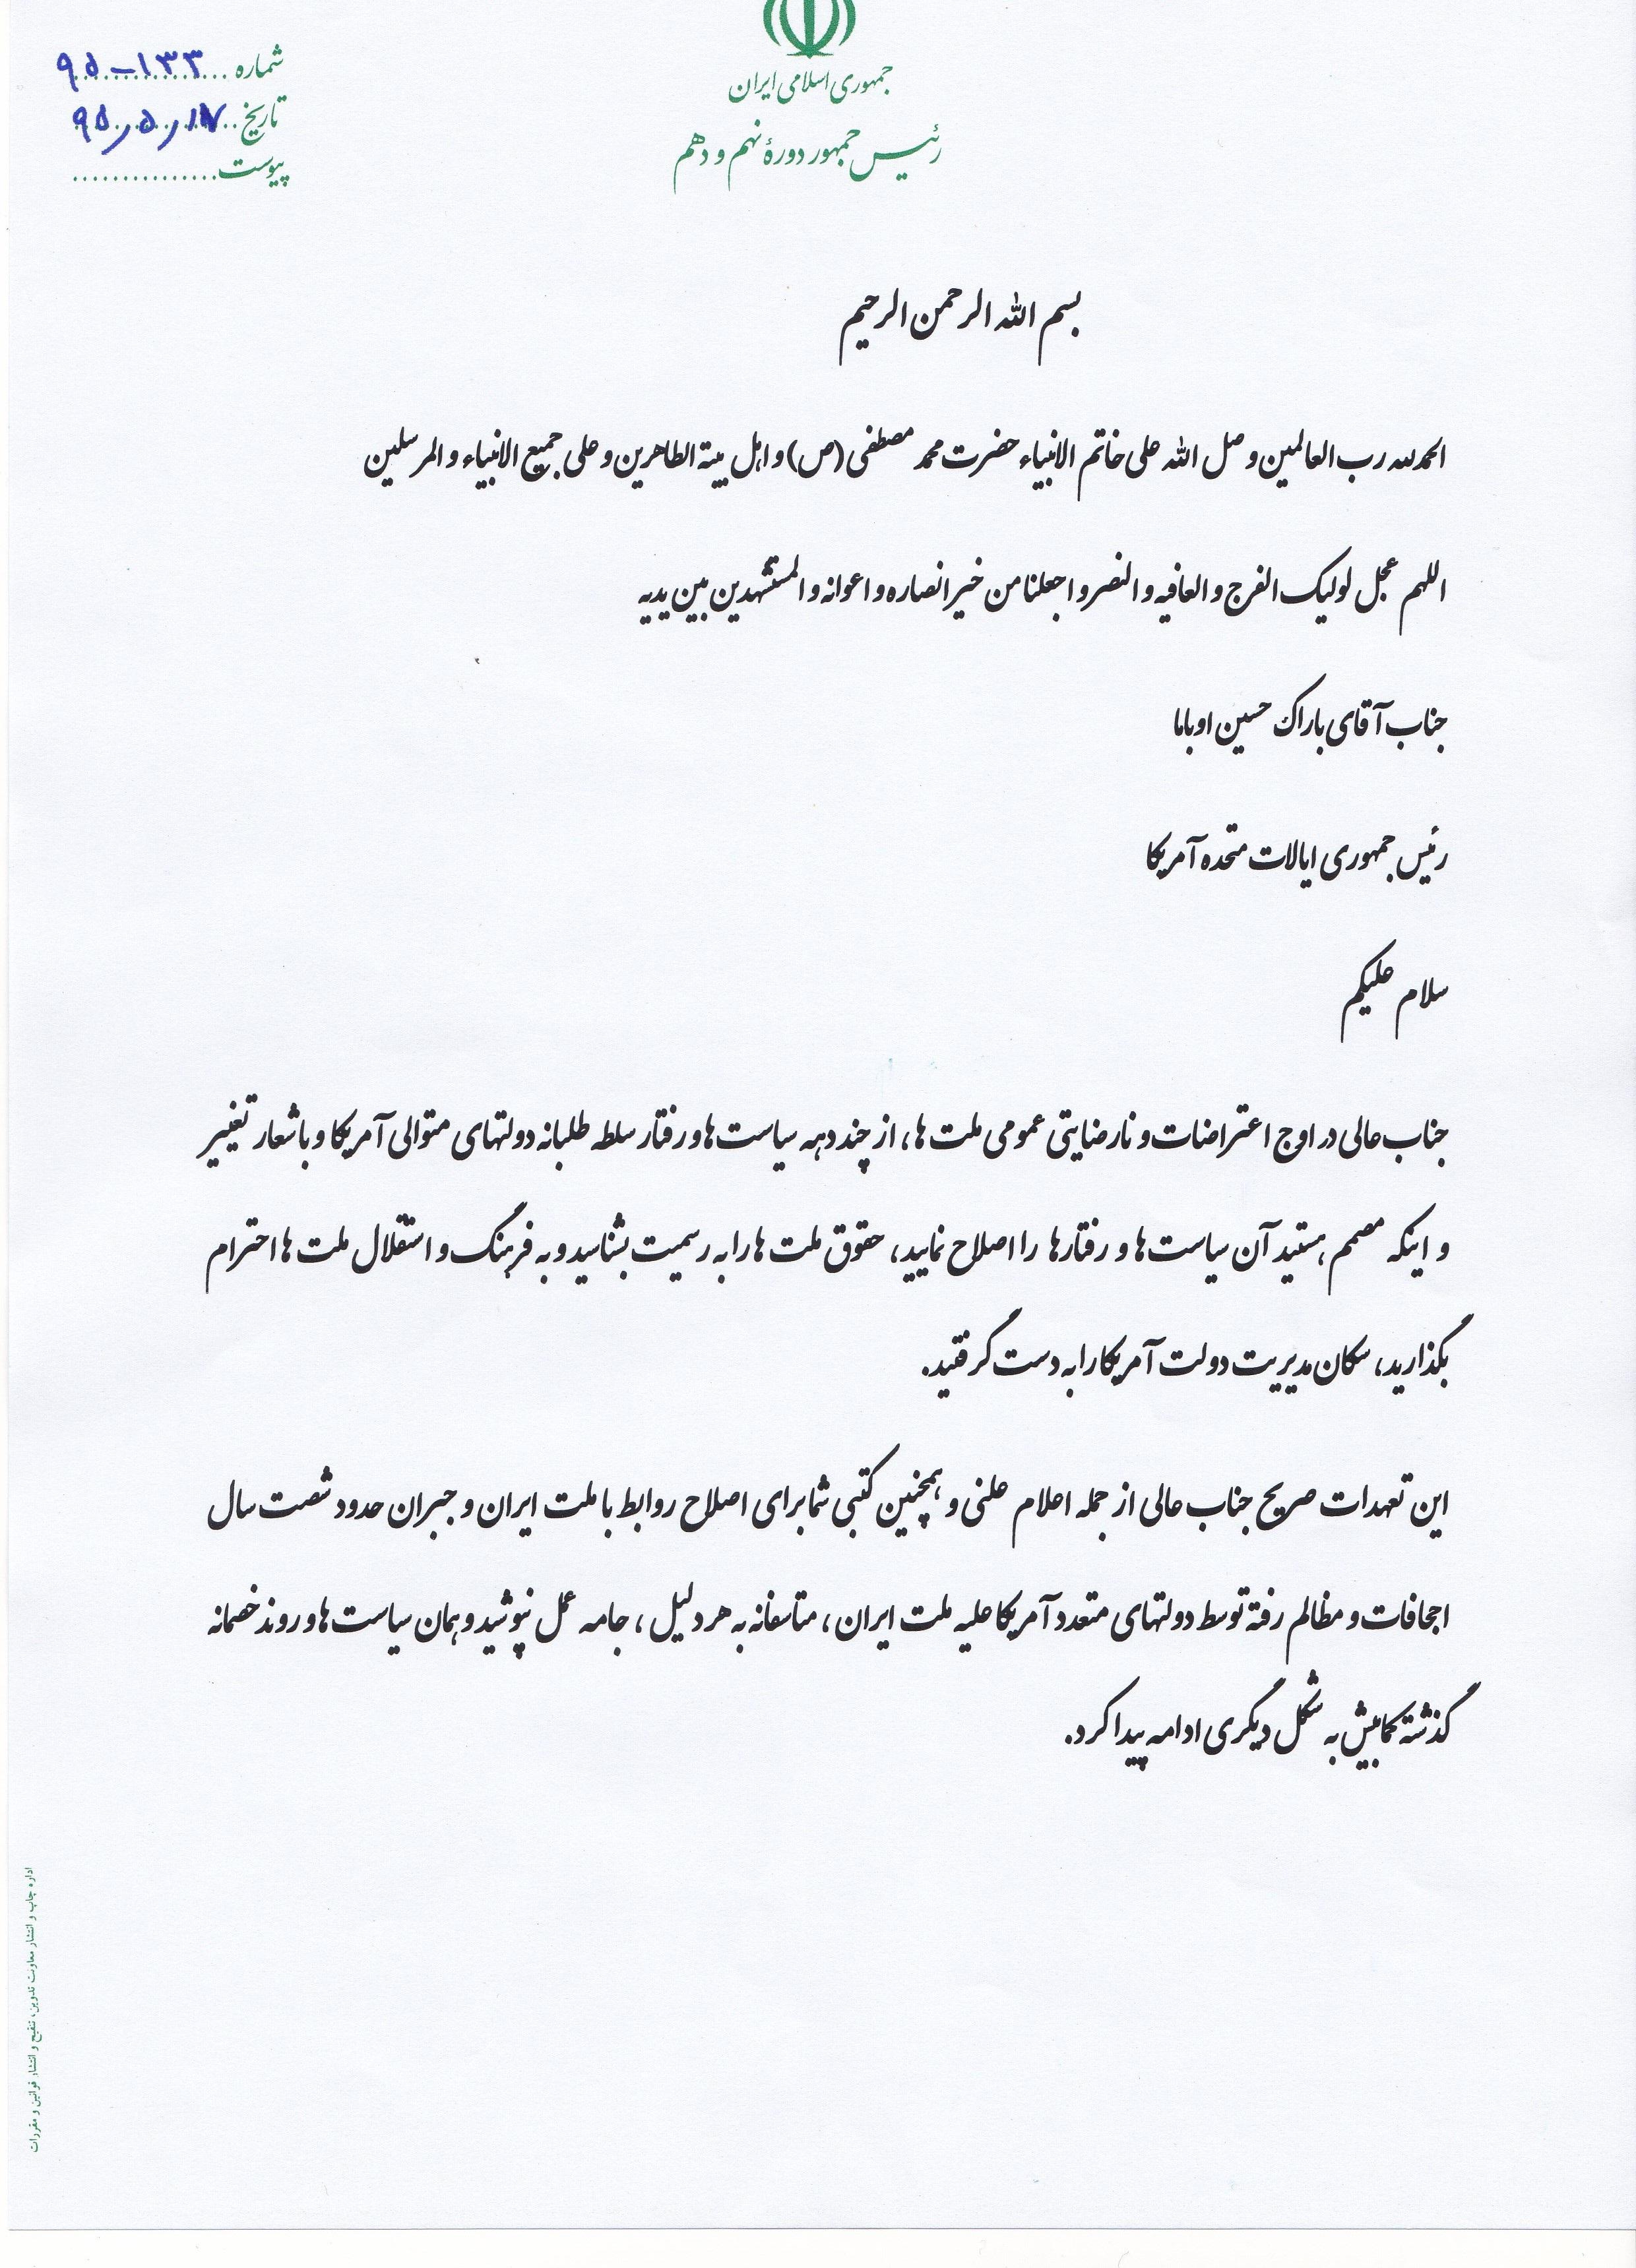 متن نامه جدید احمدی نژاد به اوباما منتشر شد+ تصاویر متن نامه - تابناک |  TABNAK